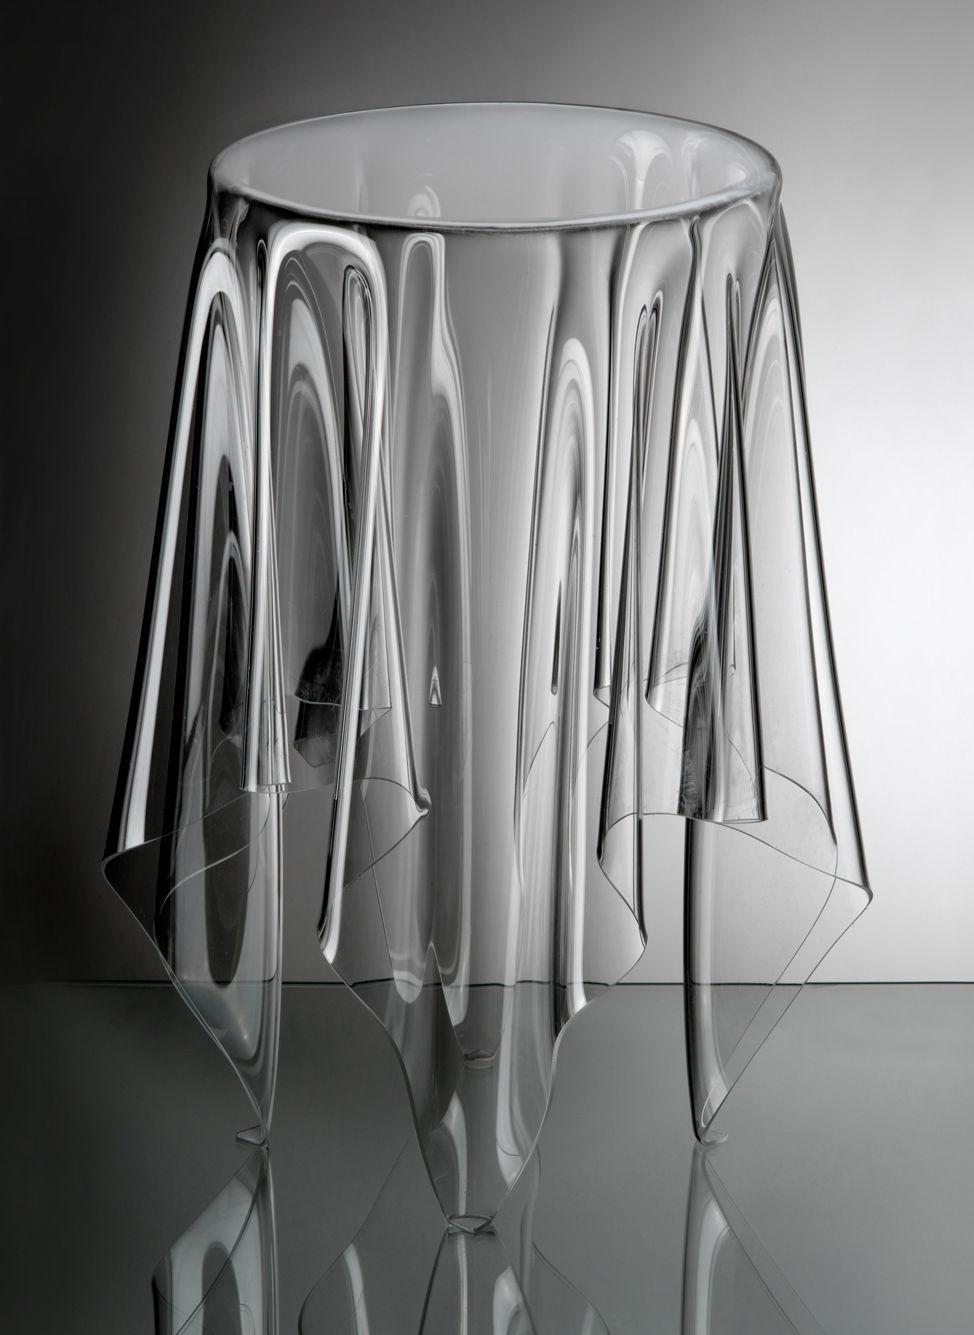 Möbel - Couchtische - Tall Illusion Couchtisch / H 56 cm x Ø 32 cm - Essey - Transparent - PMMA, Polyacryl